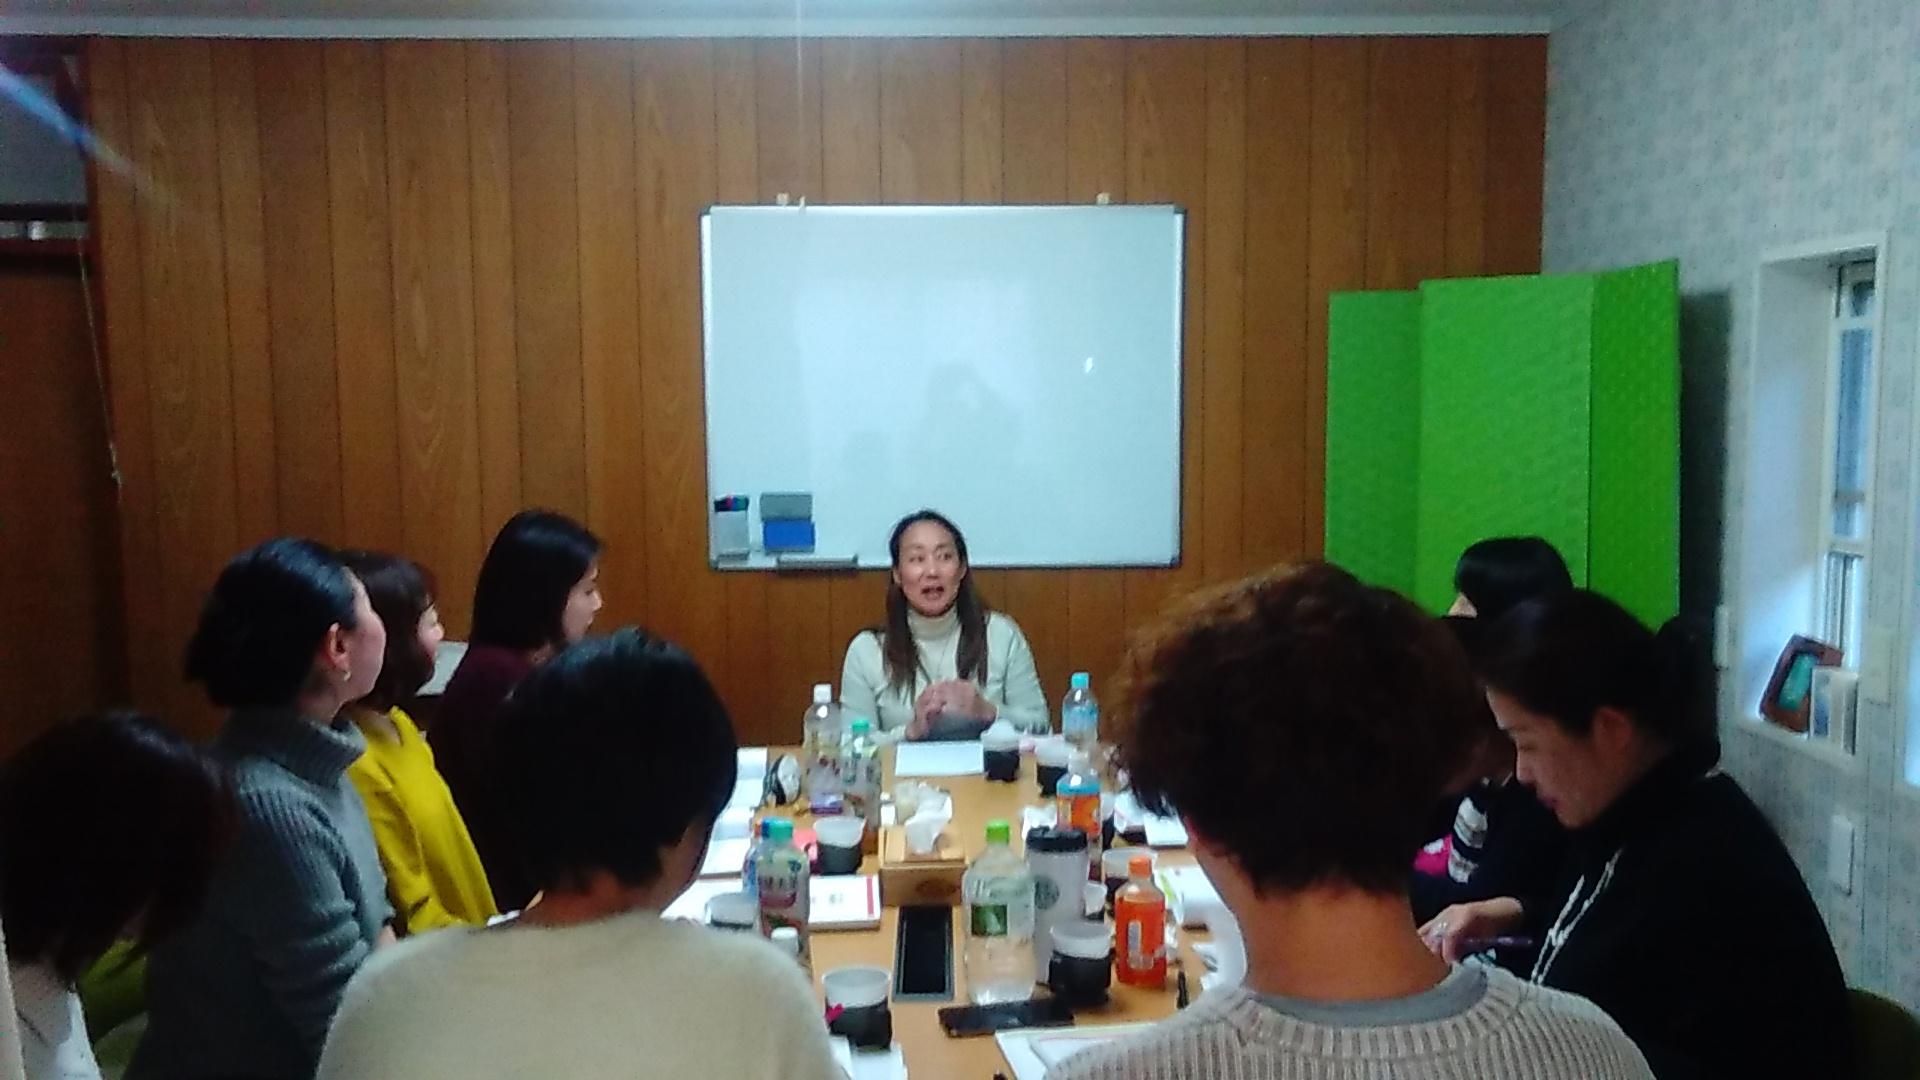 KIMG1468 - 12月14日、胎内記憶教育協会講師養成講座5期生の第5、6講座開催